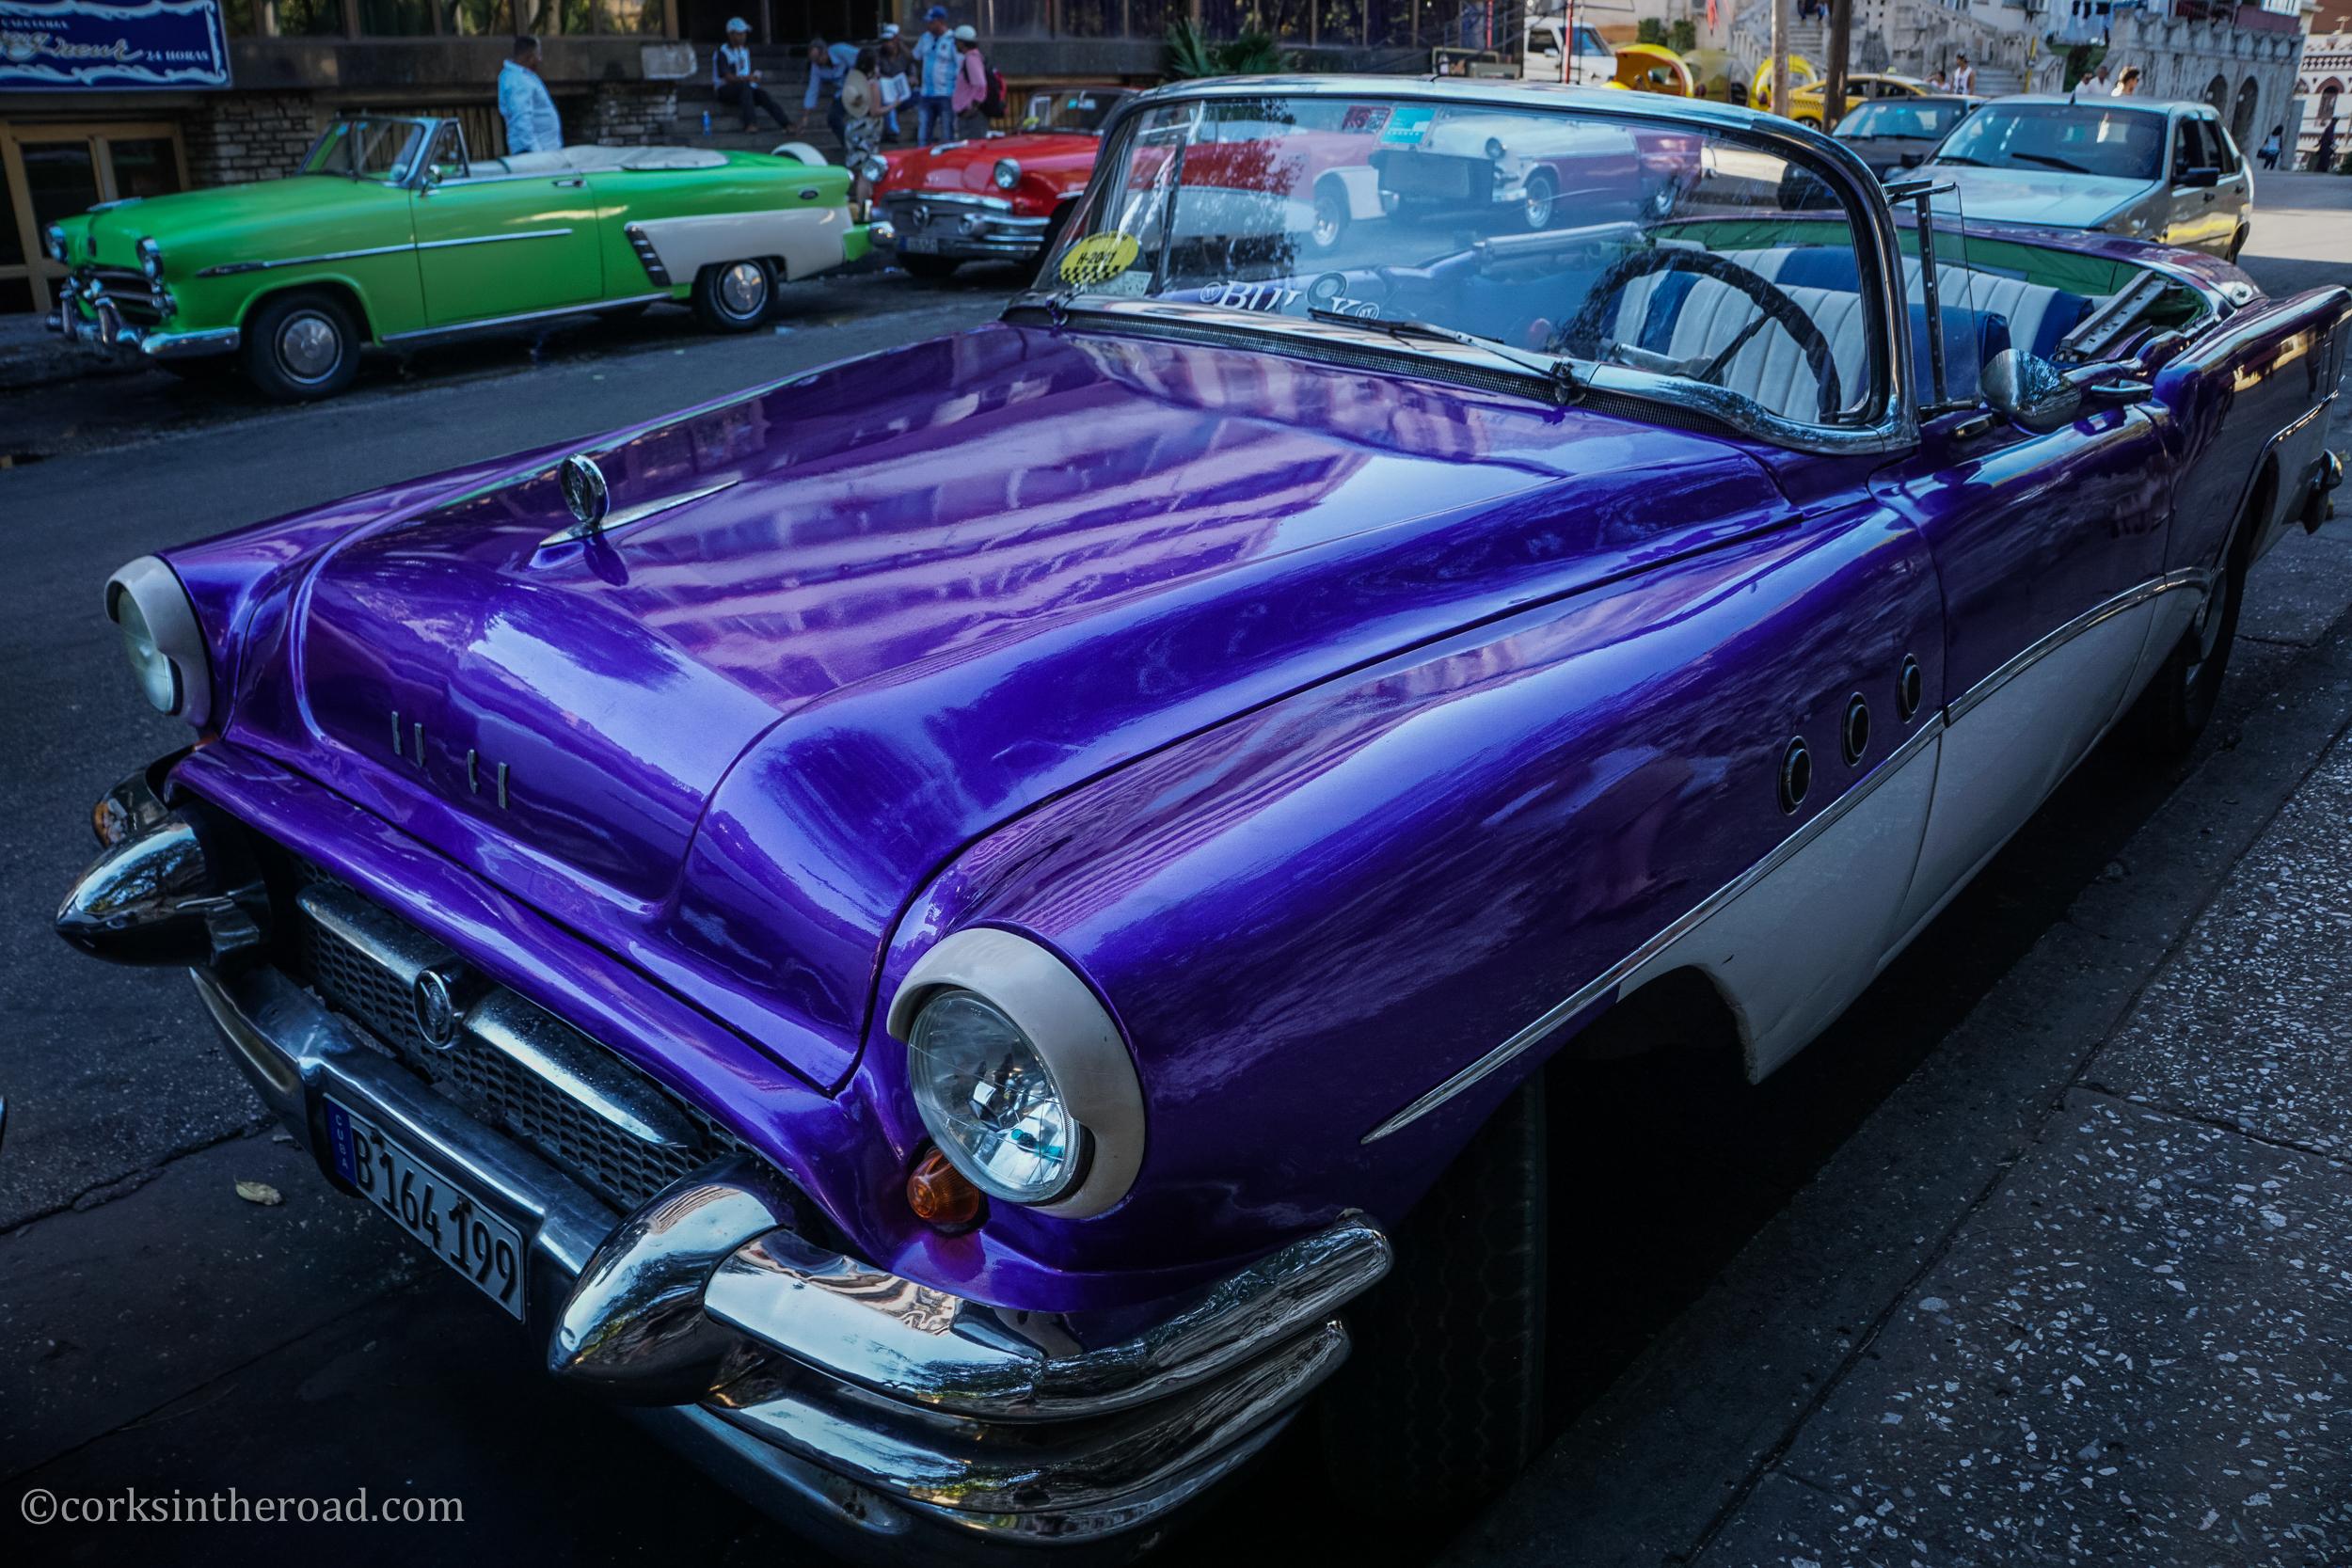 Cars, Corksintheroad, Cuba, Havana-10.jpg